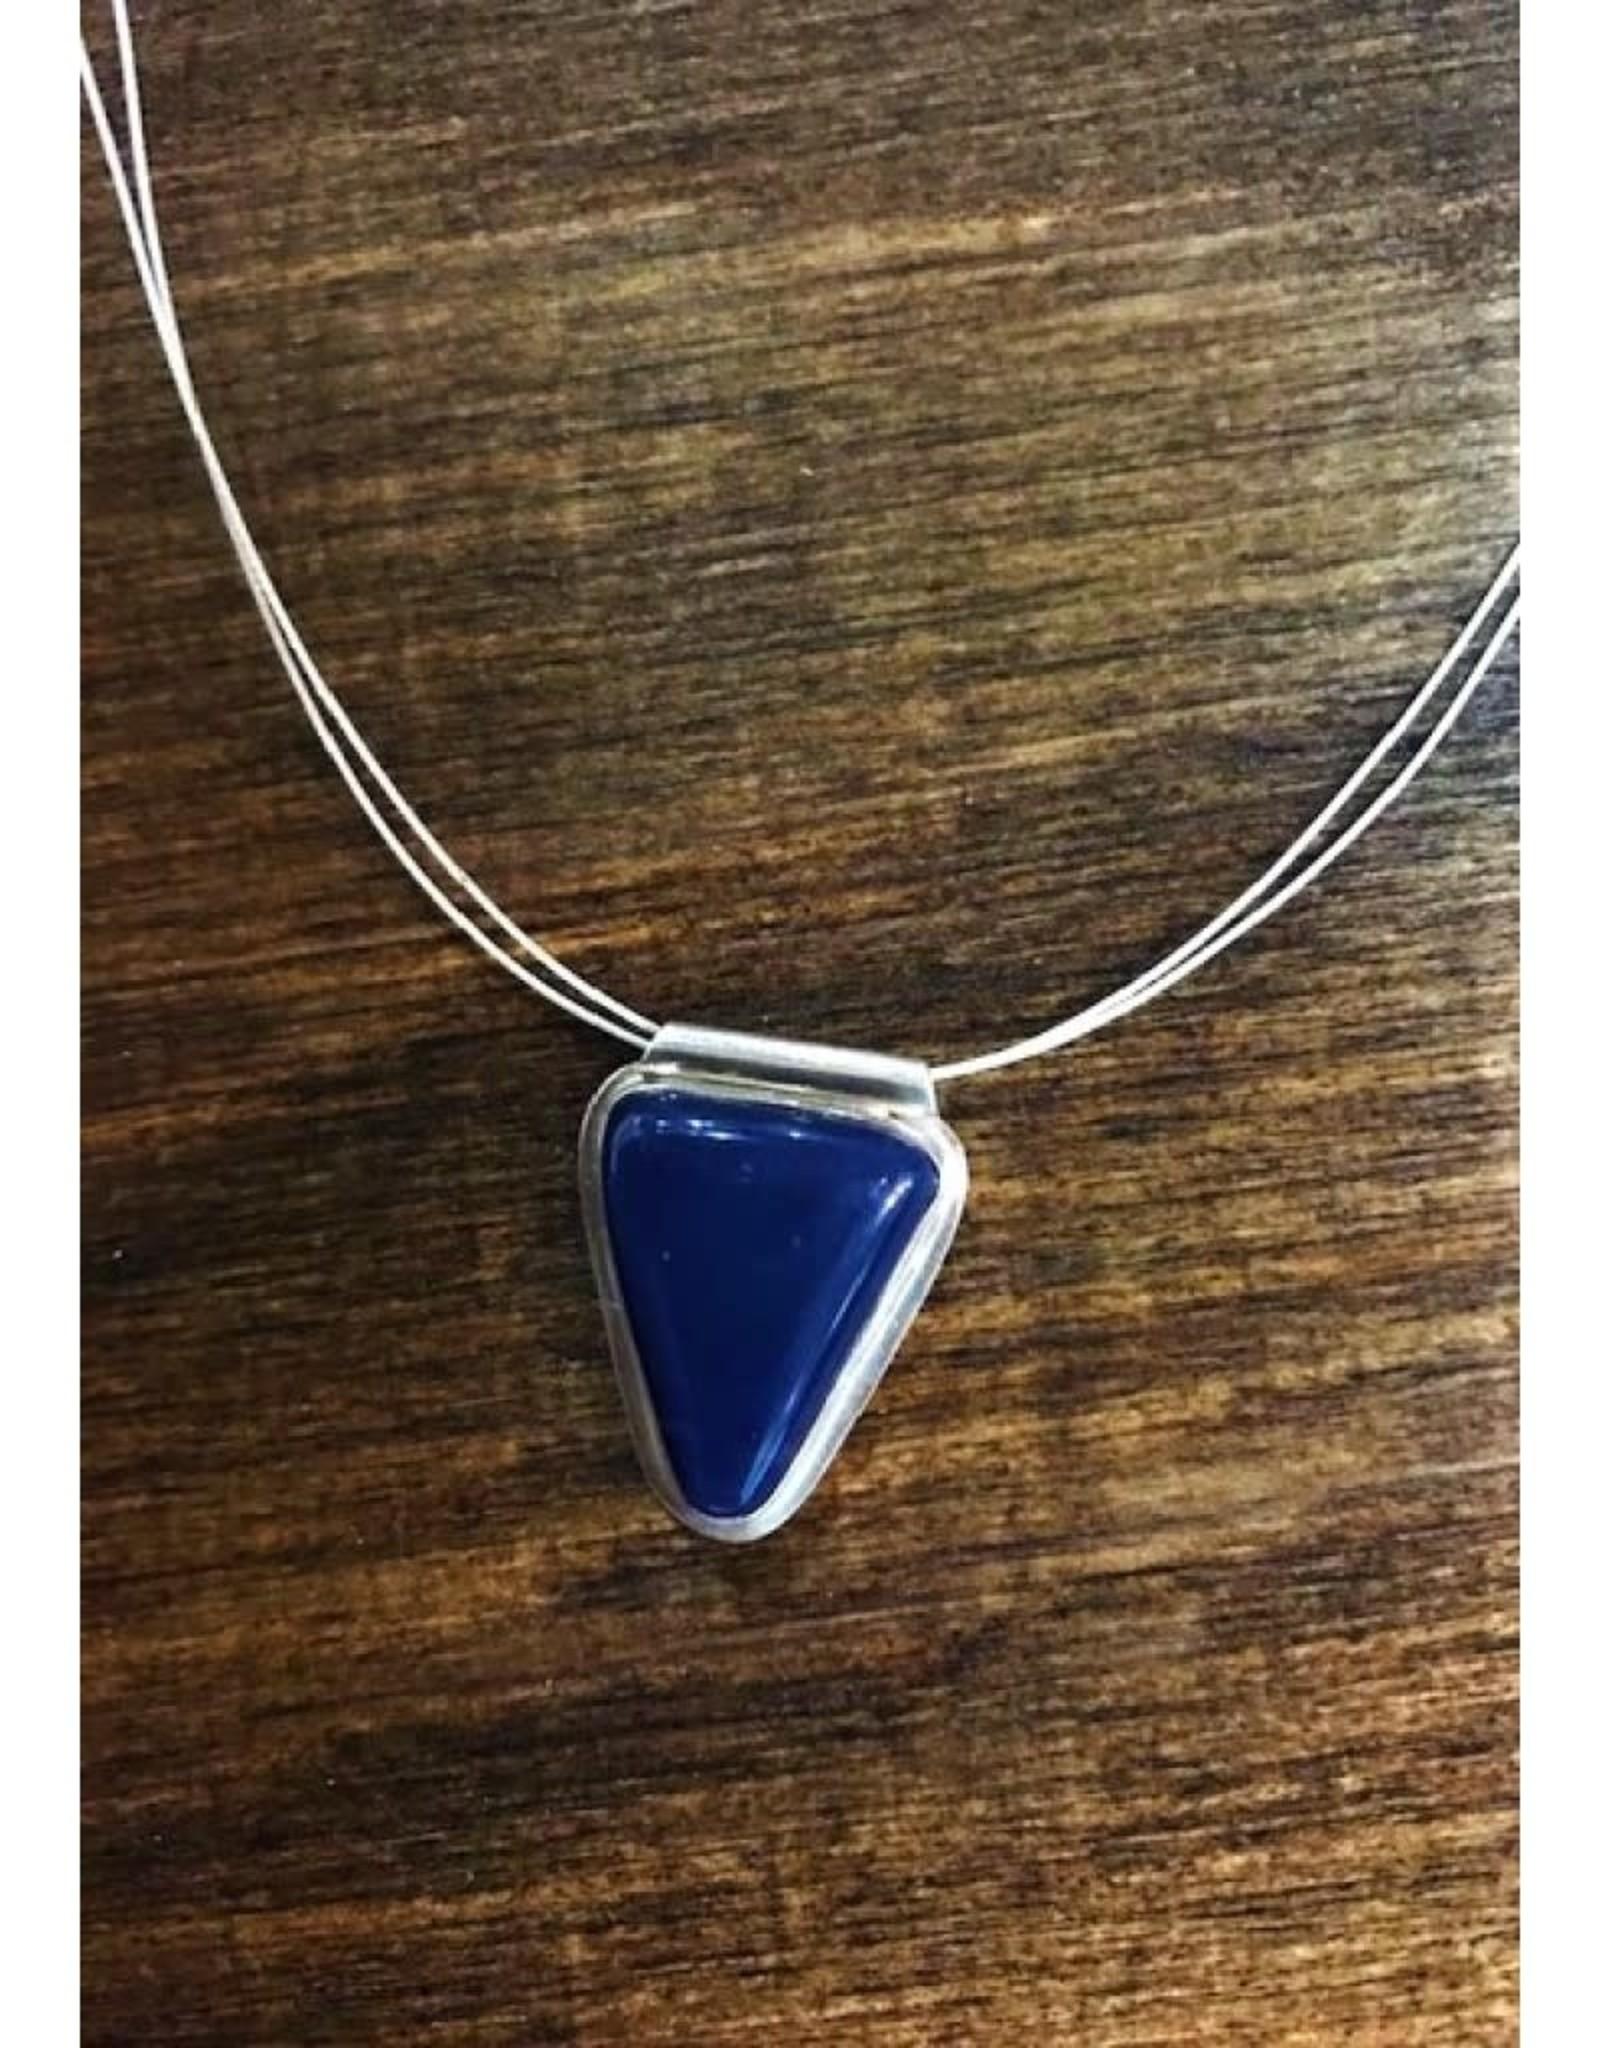 Necklace - Leland Blue Triangle Cabochon 18''